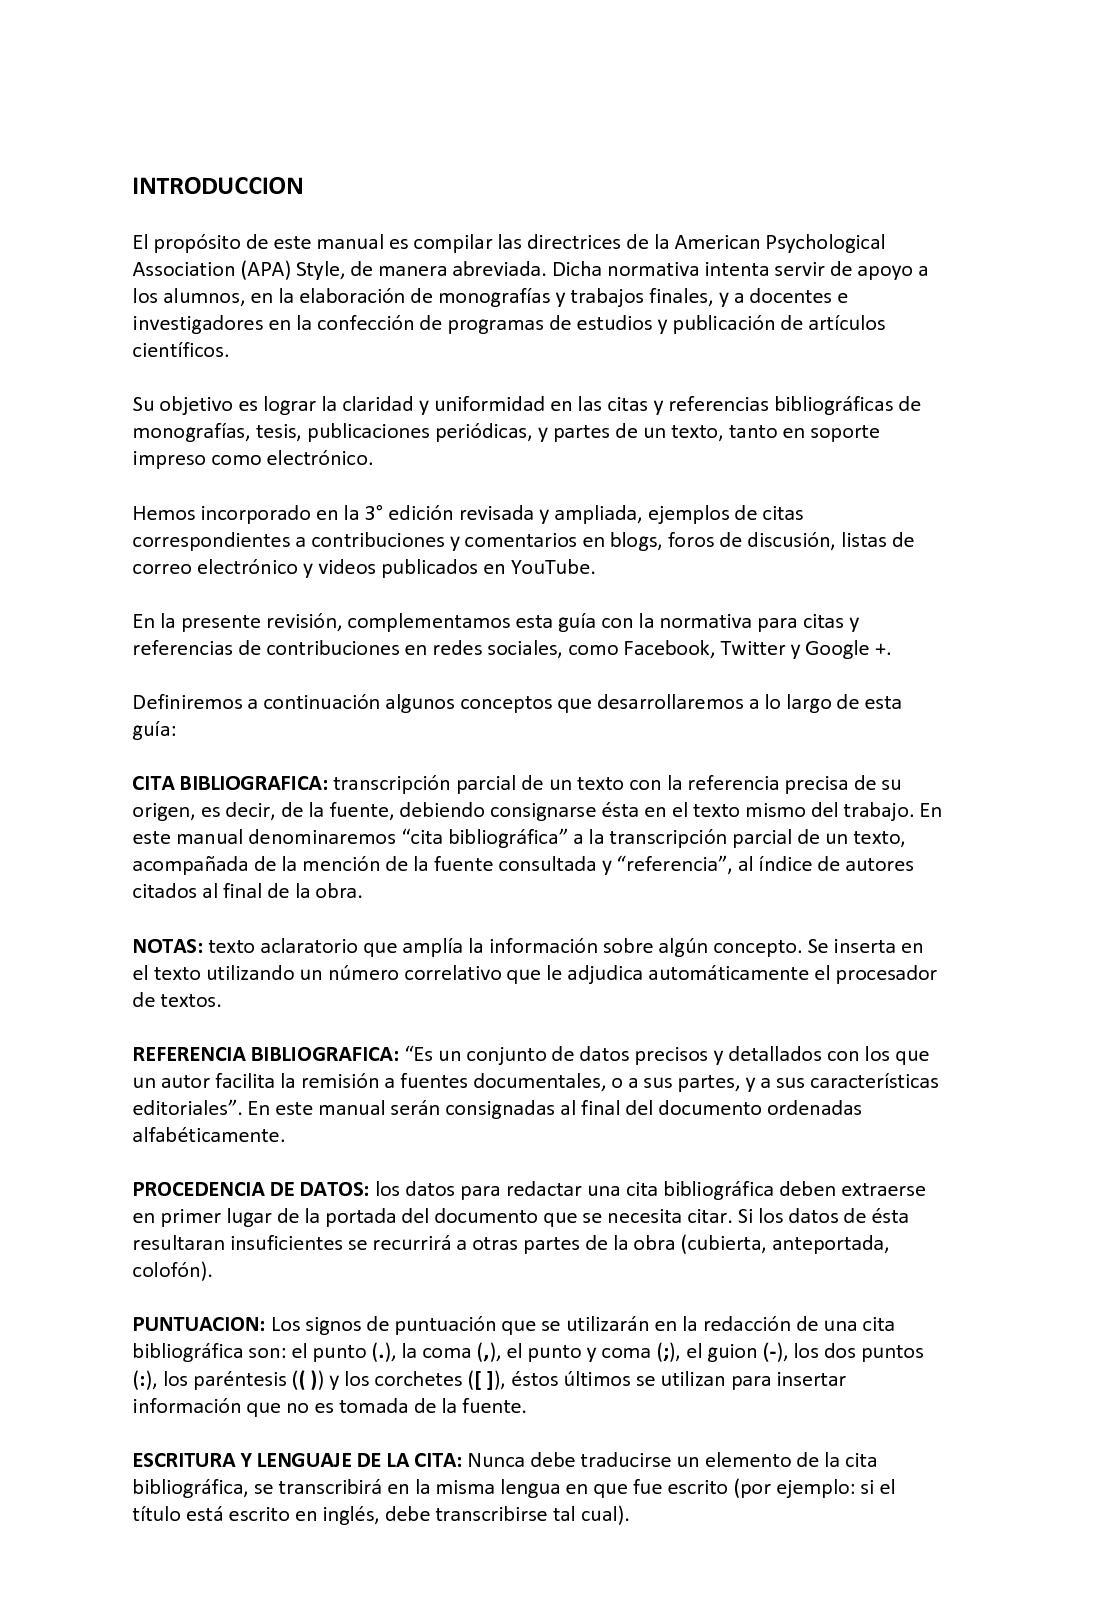 Citas Bibliograficas Apa 2015 Calameo Downloader